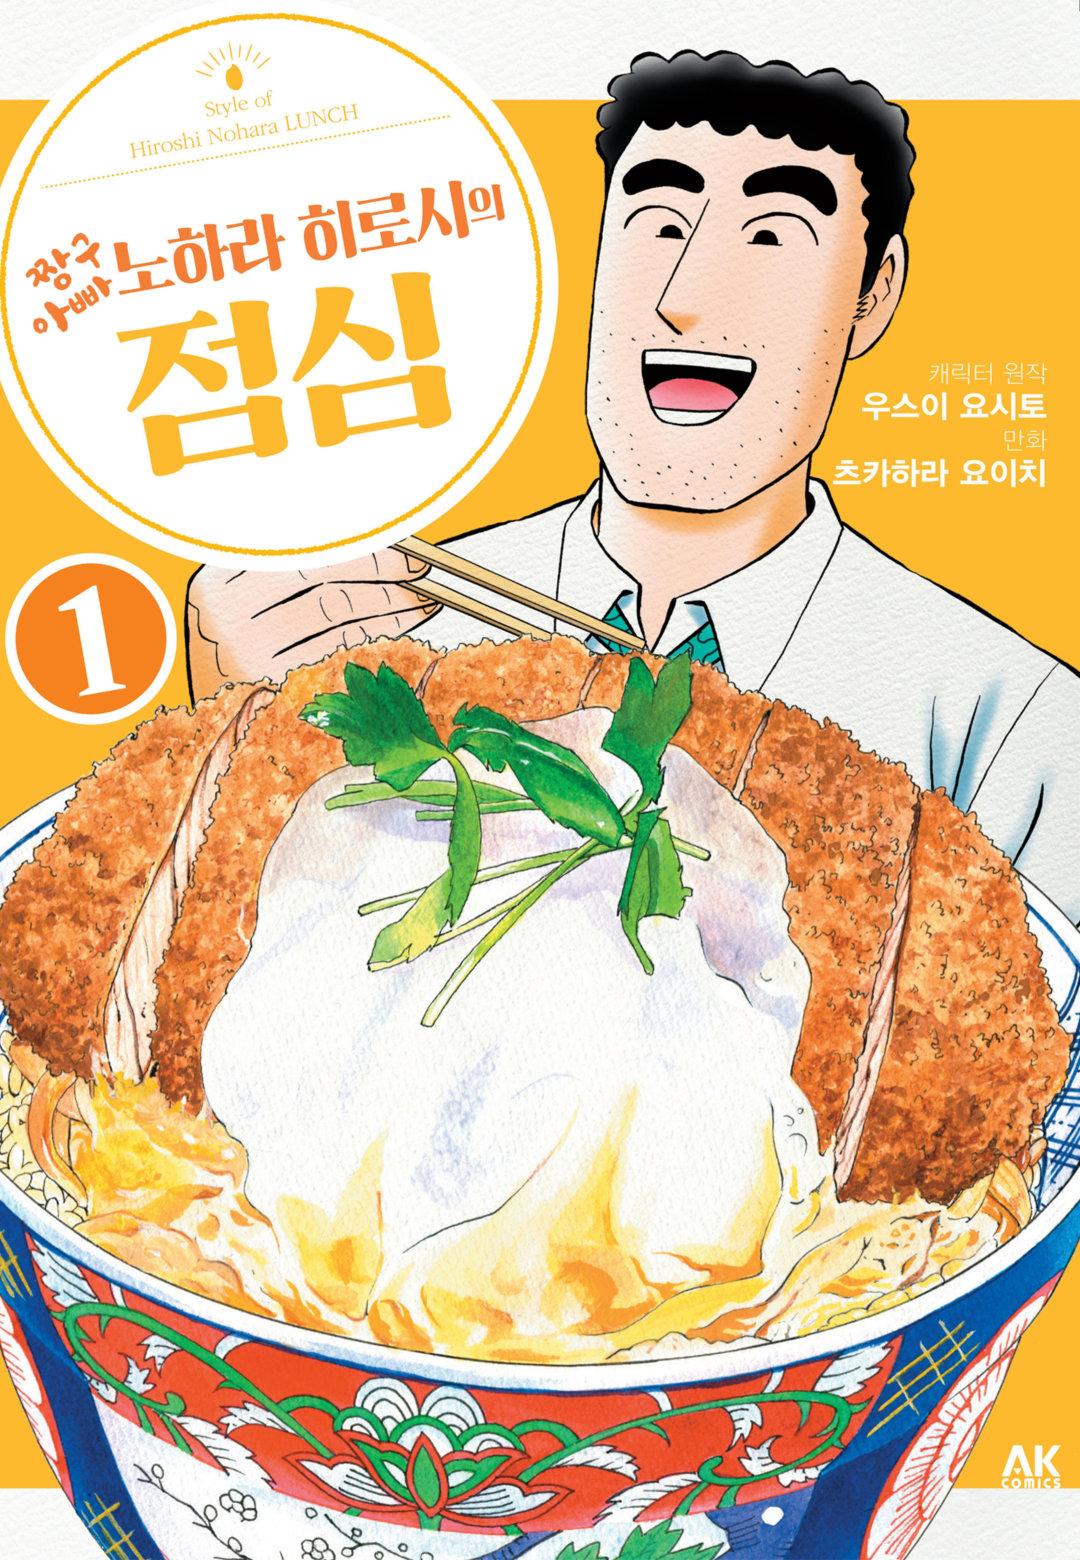 짱구 아빠 노하라 히로시의 점심